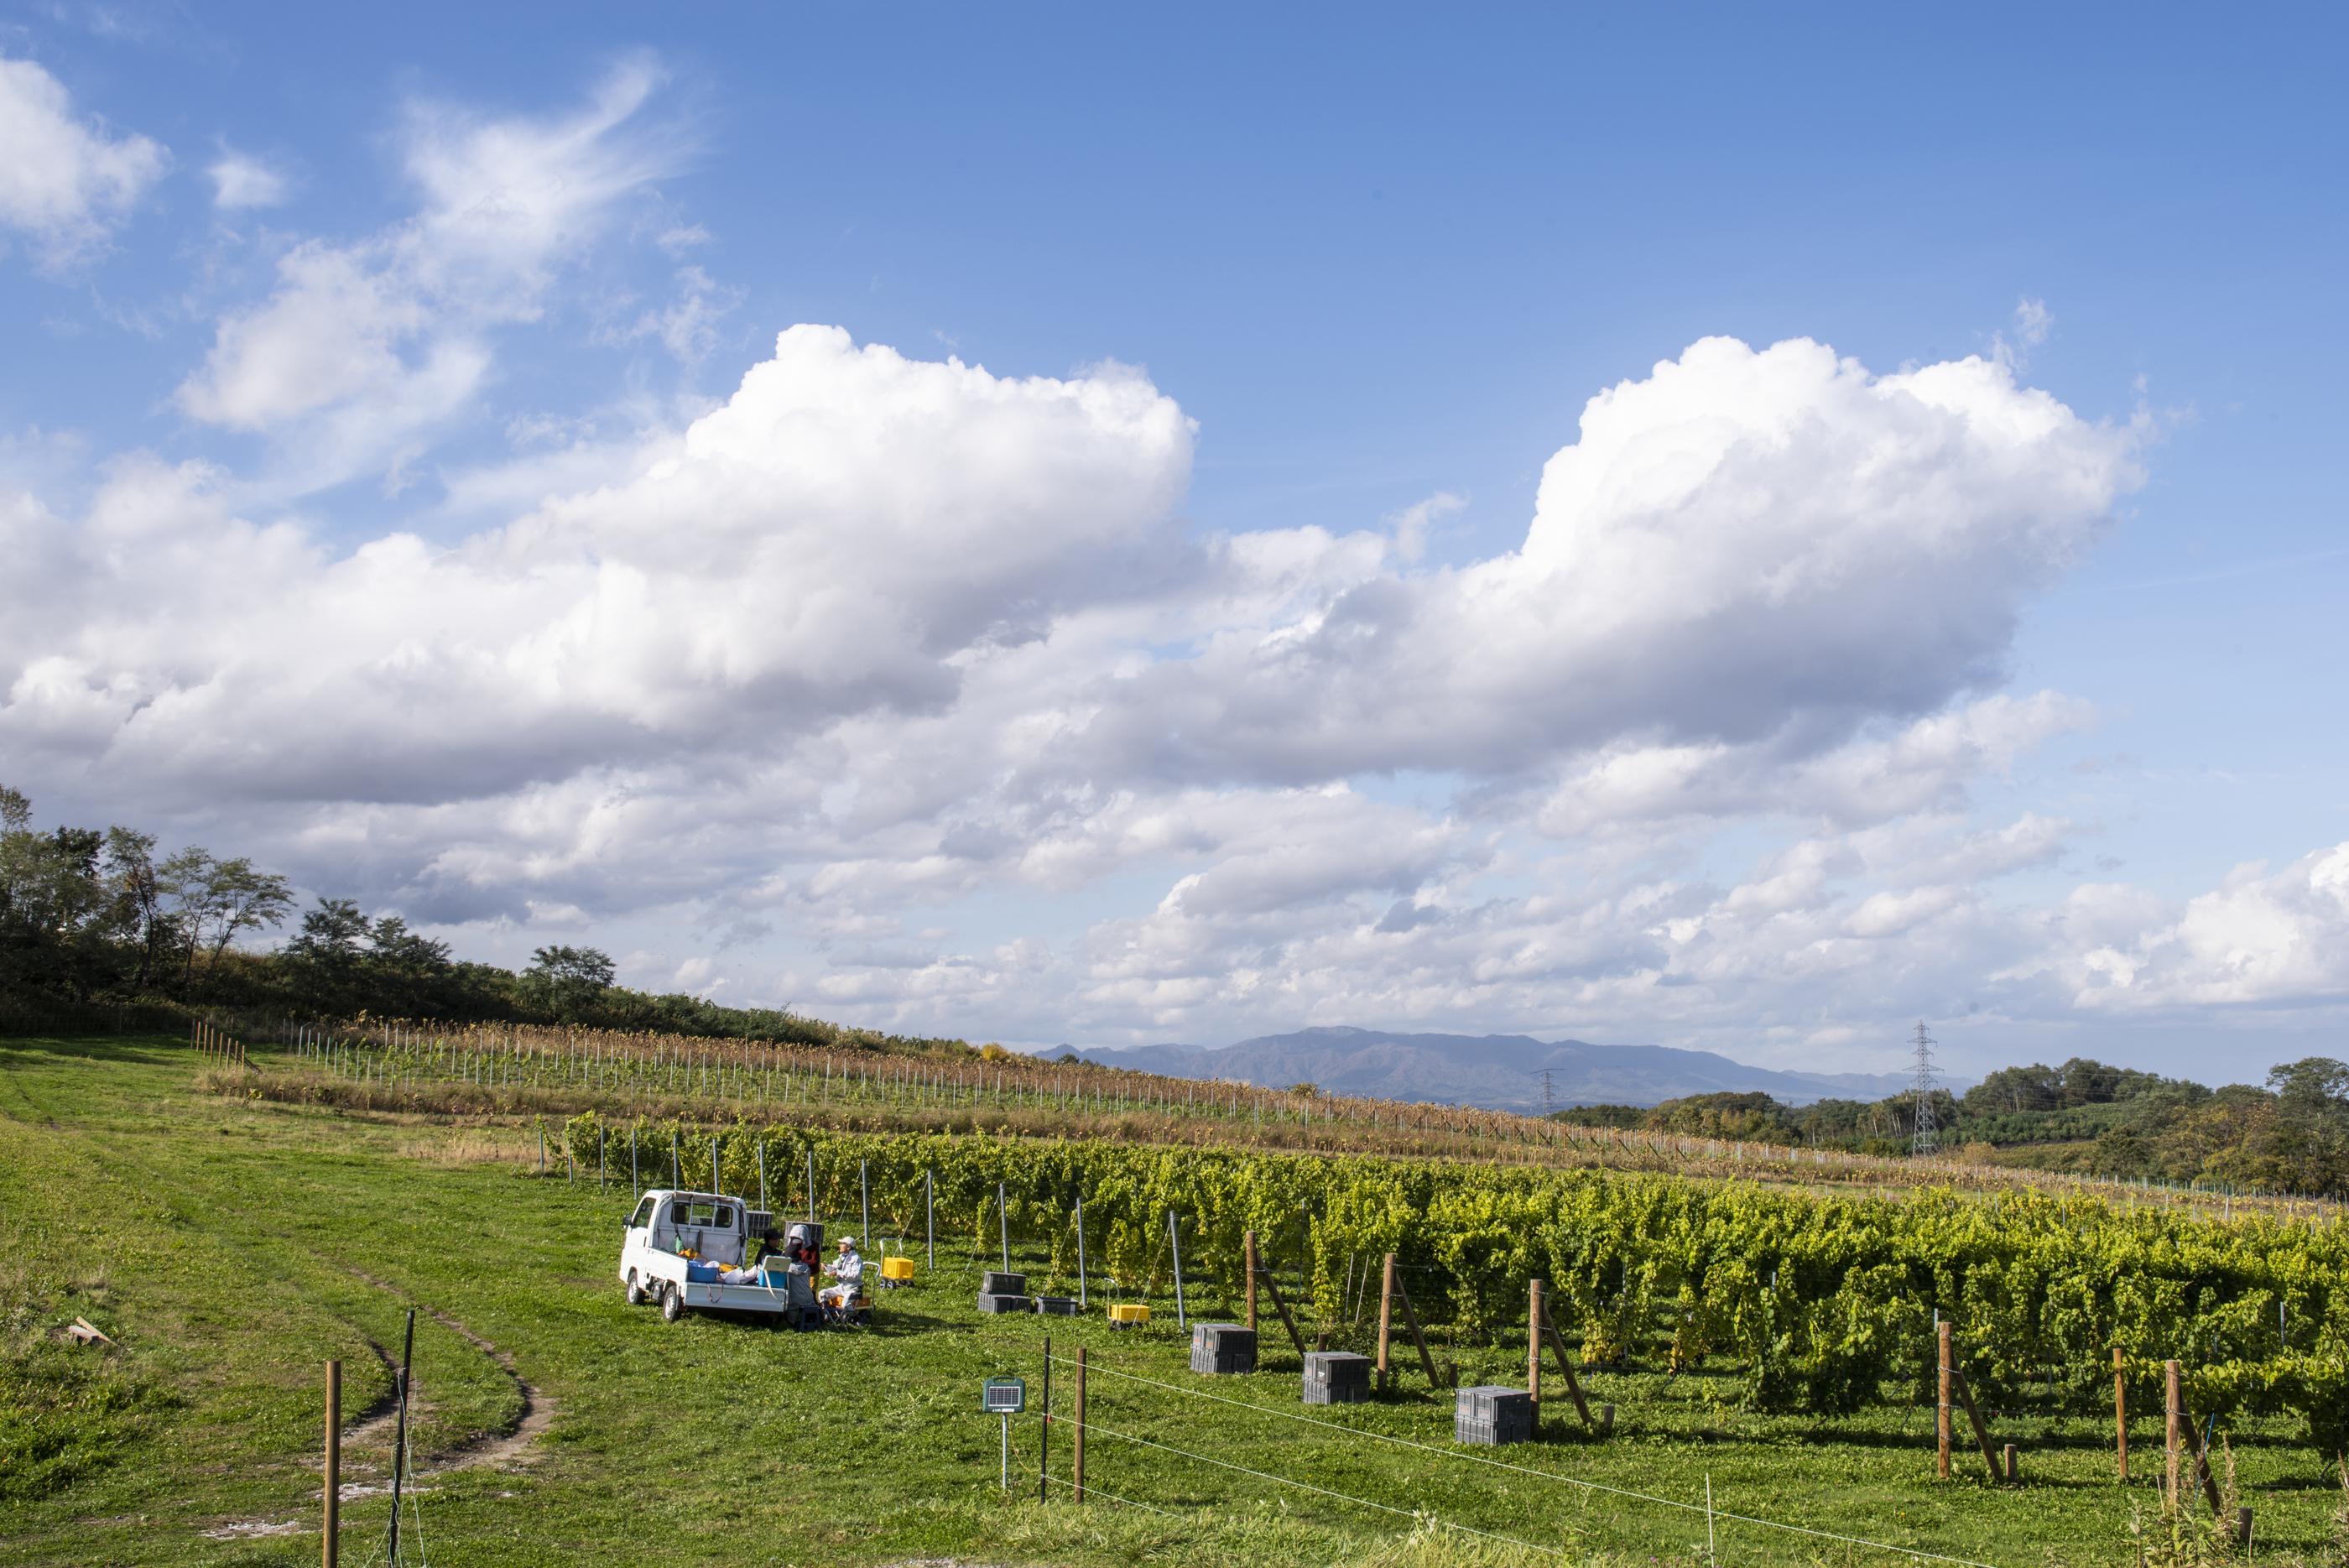 空知の丘のブドウ畑:Hamada Vineyard